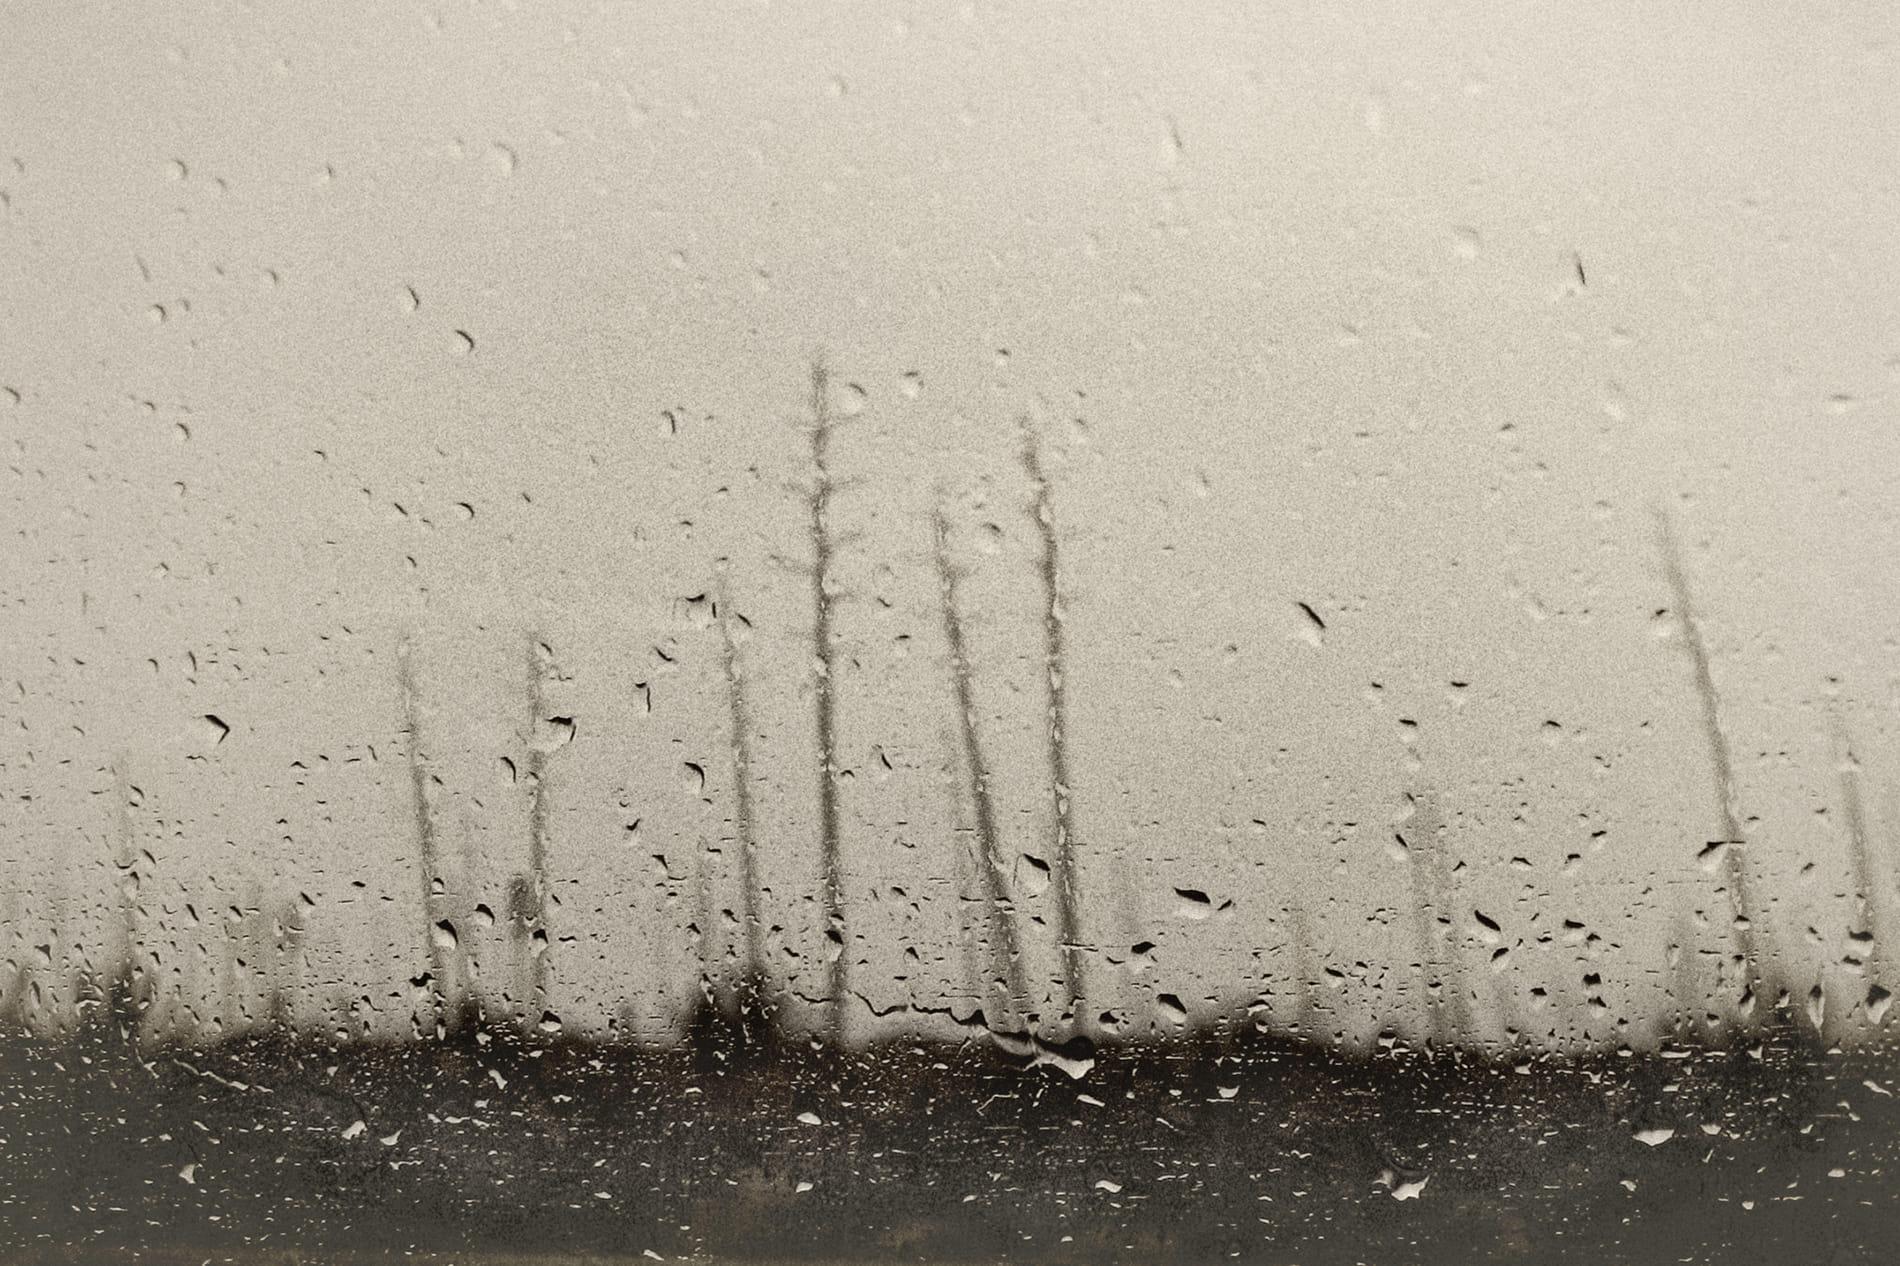 Aquel día llovía...camino de Cabo de Gata